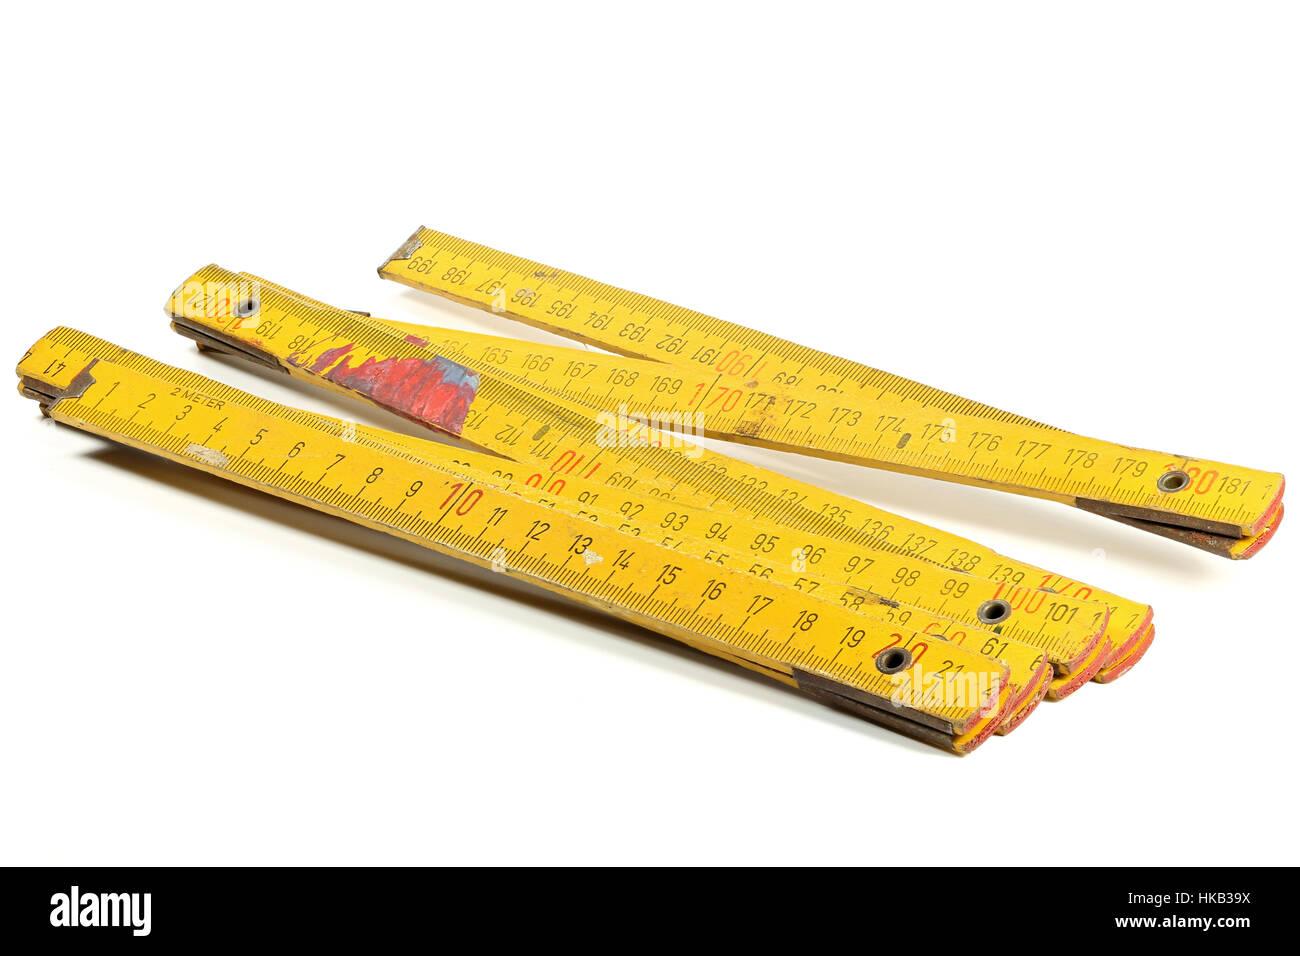 used yardstick isolated on white background - Stock Image